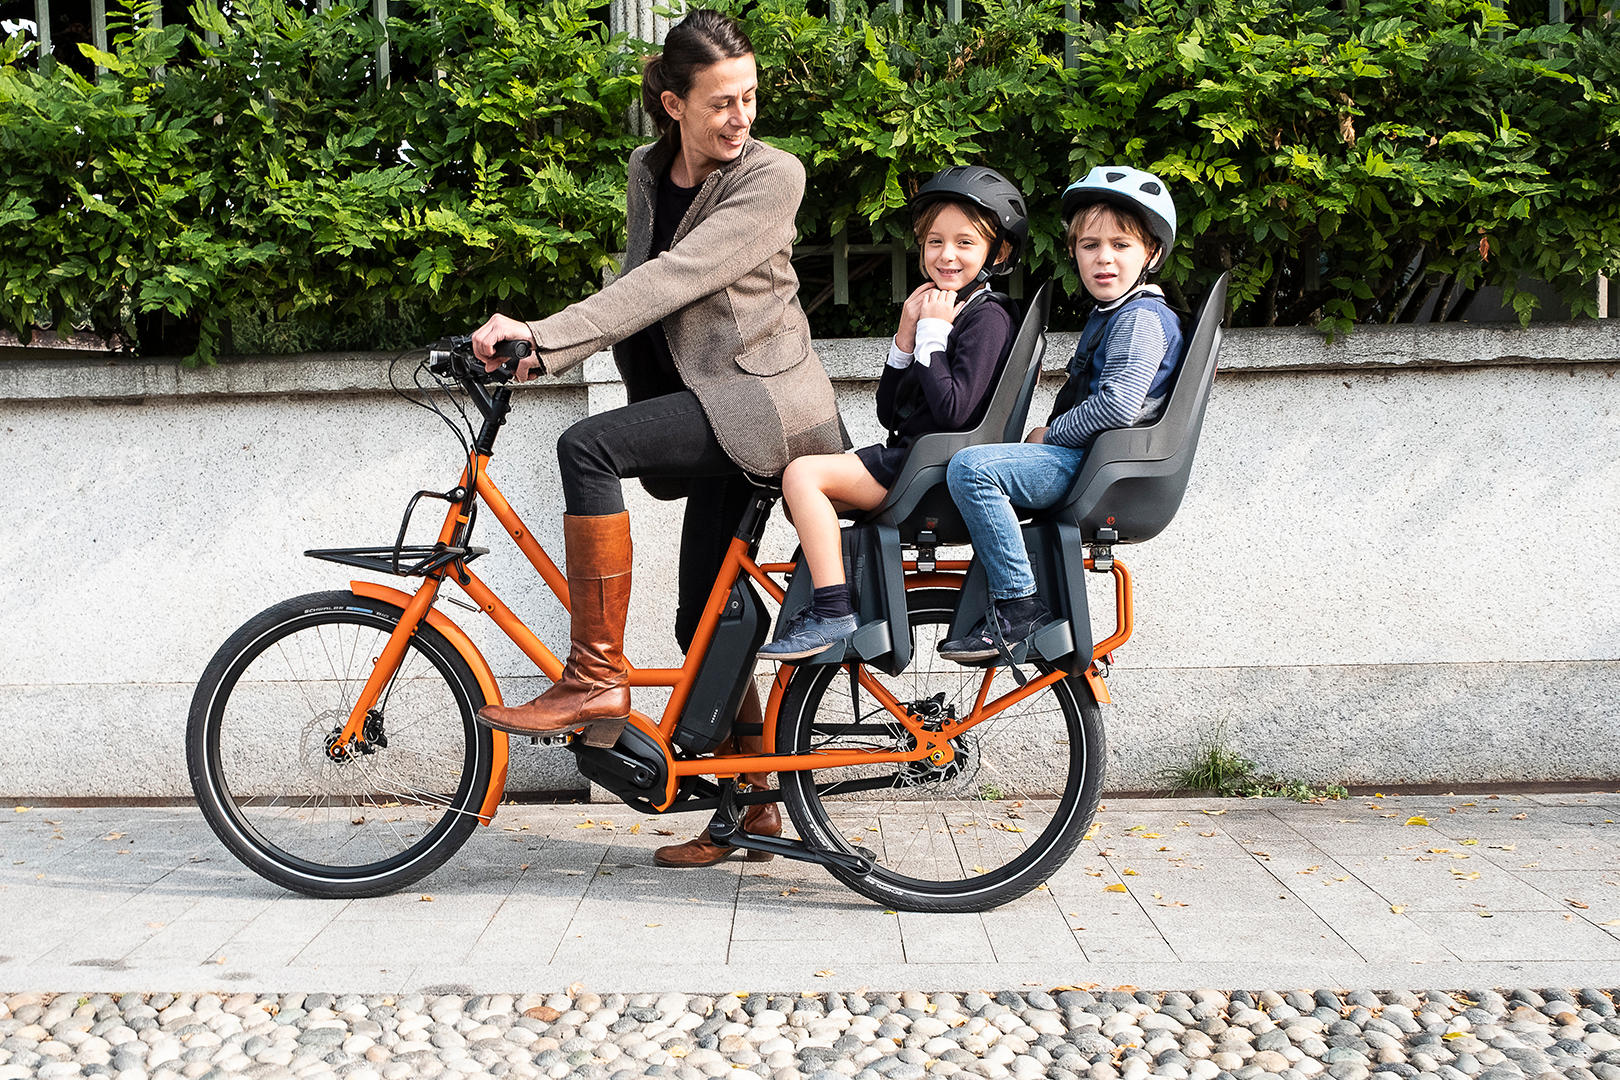 Privat-Referenz: Unser Besteller-Modell ein kompaktes Lastenrad das bis zu 200 kg transportiert erfreut sich großer Beliebtheit bei Familien.